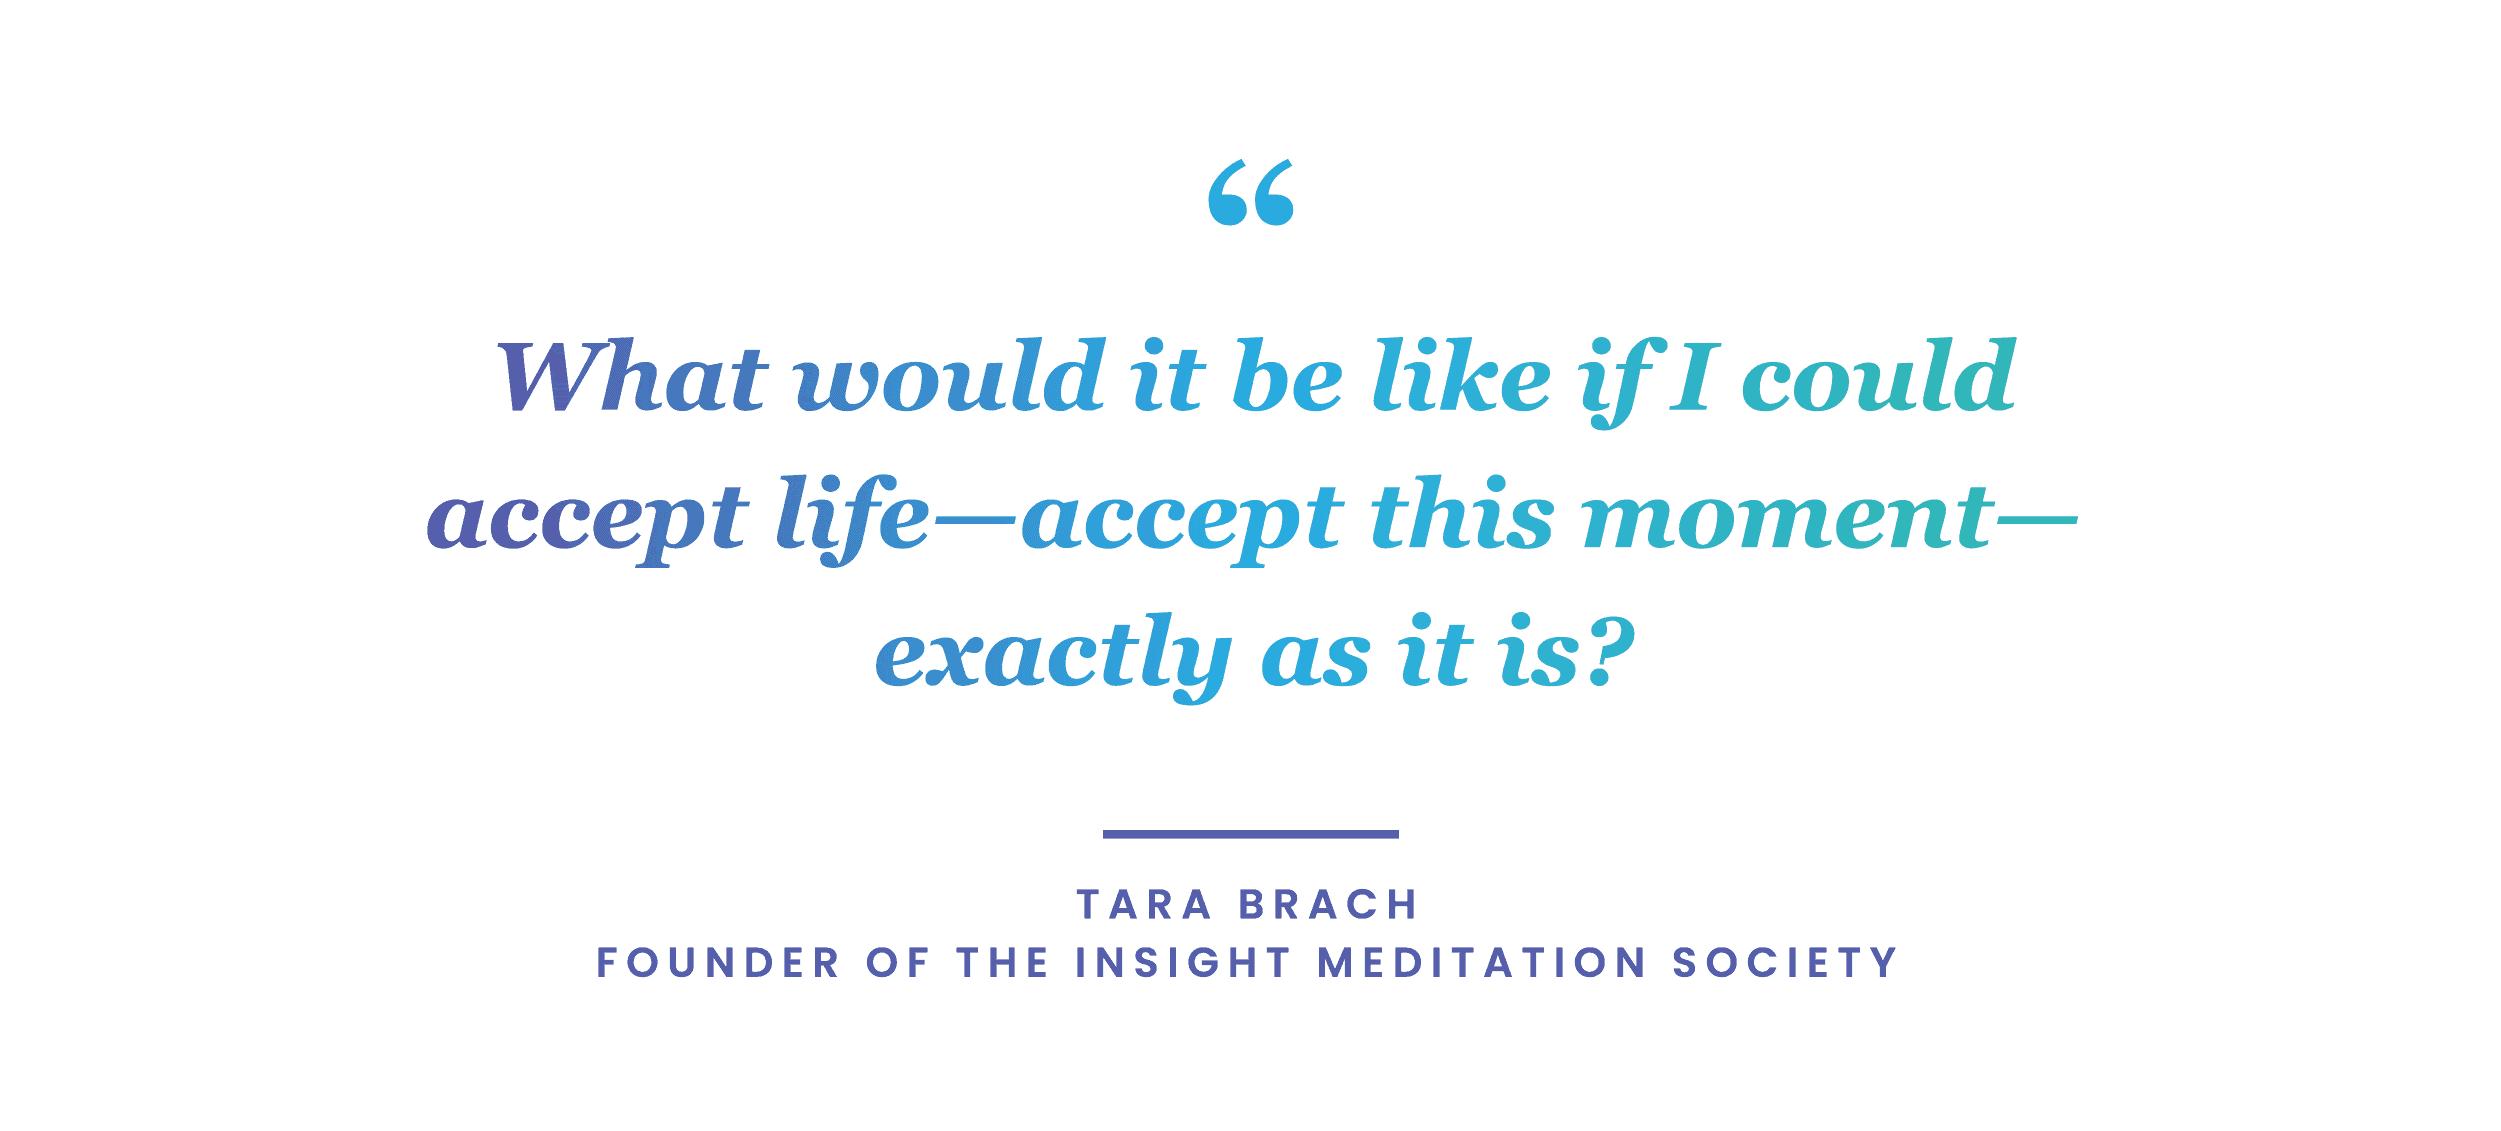 mindfulness quote by Tara Brach